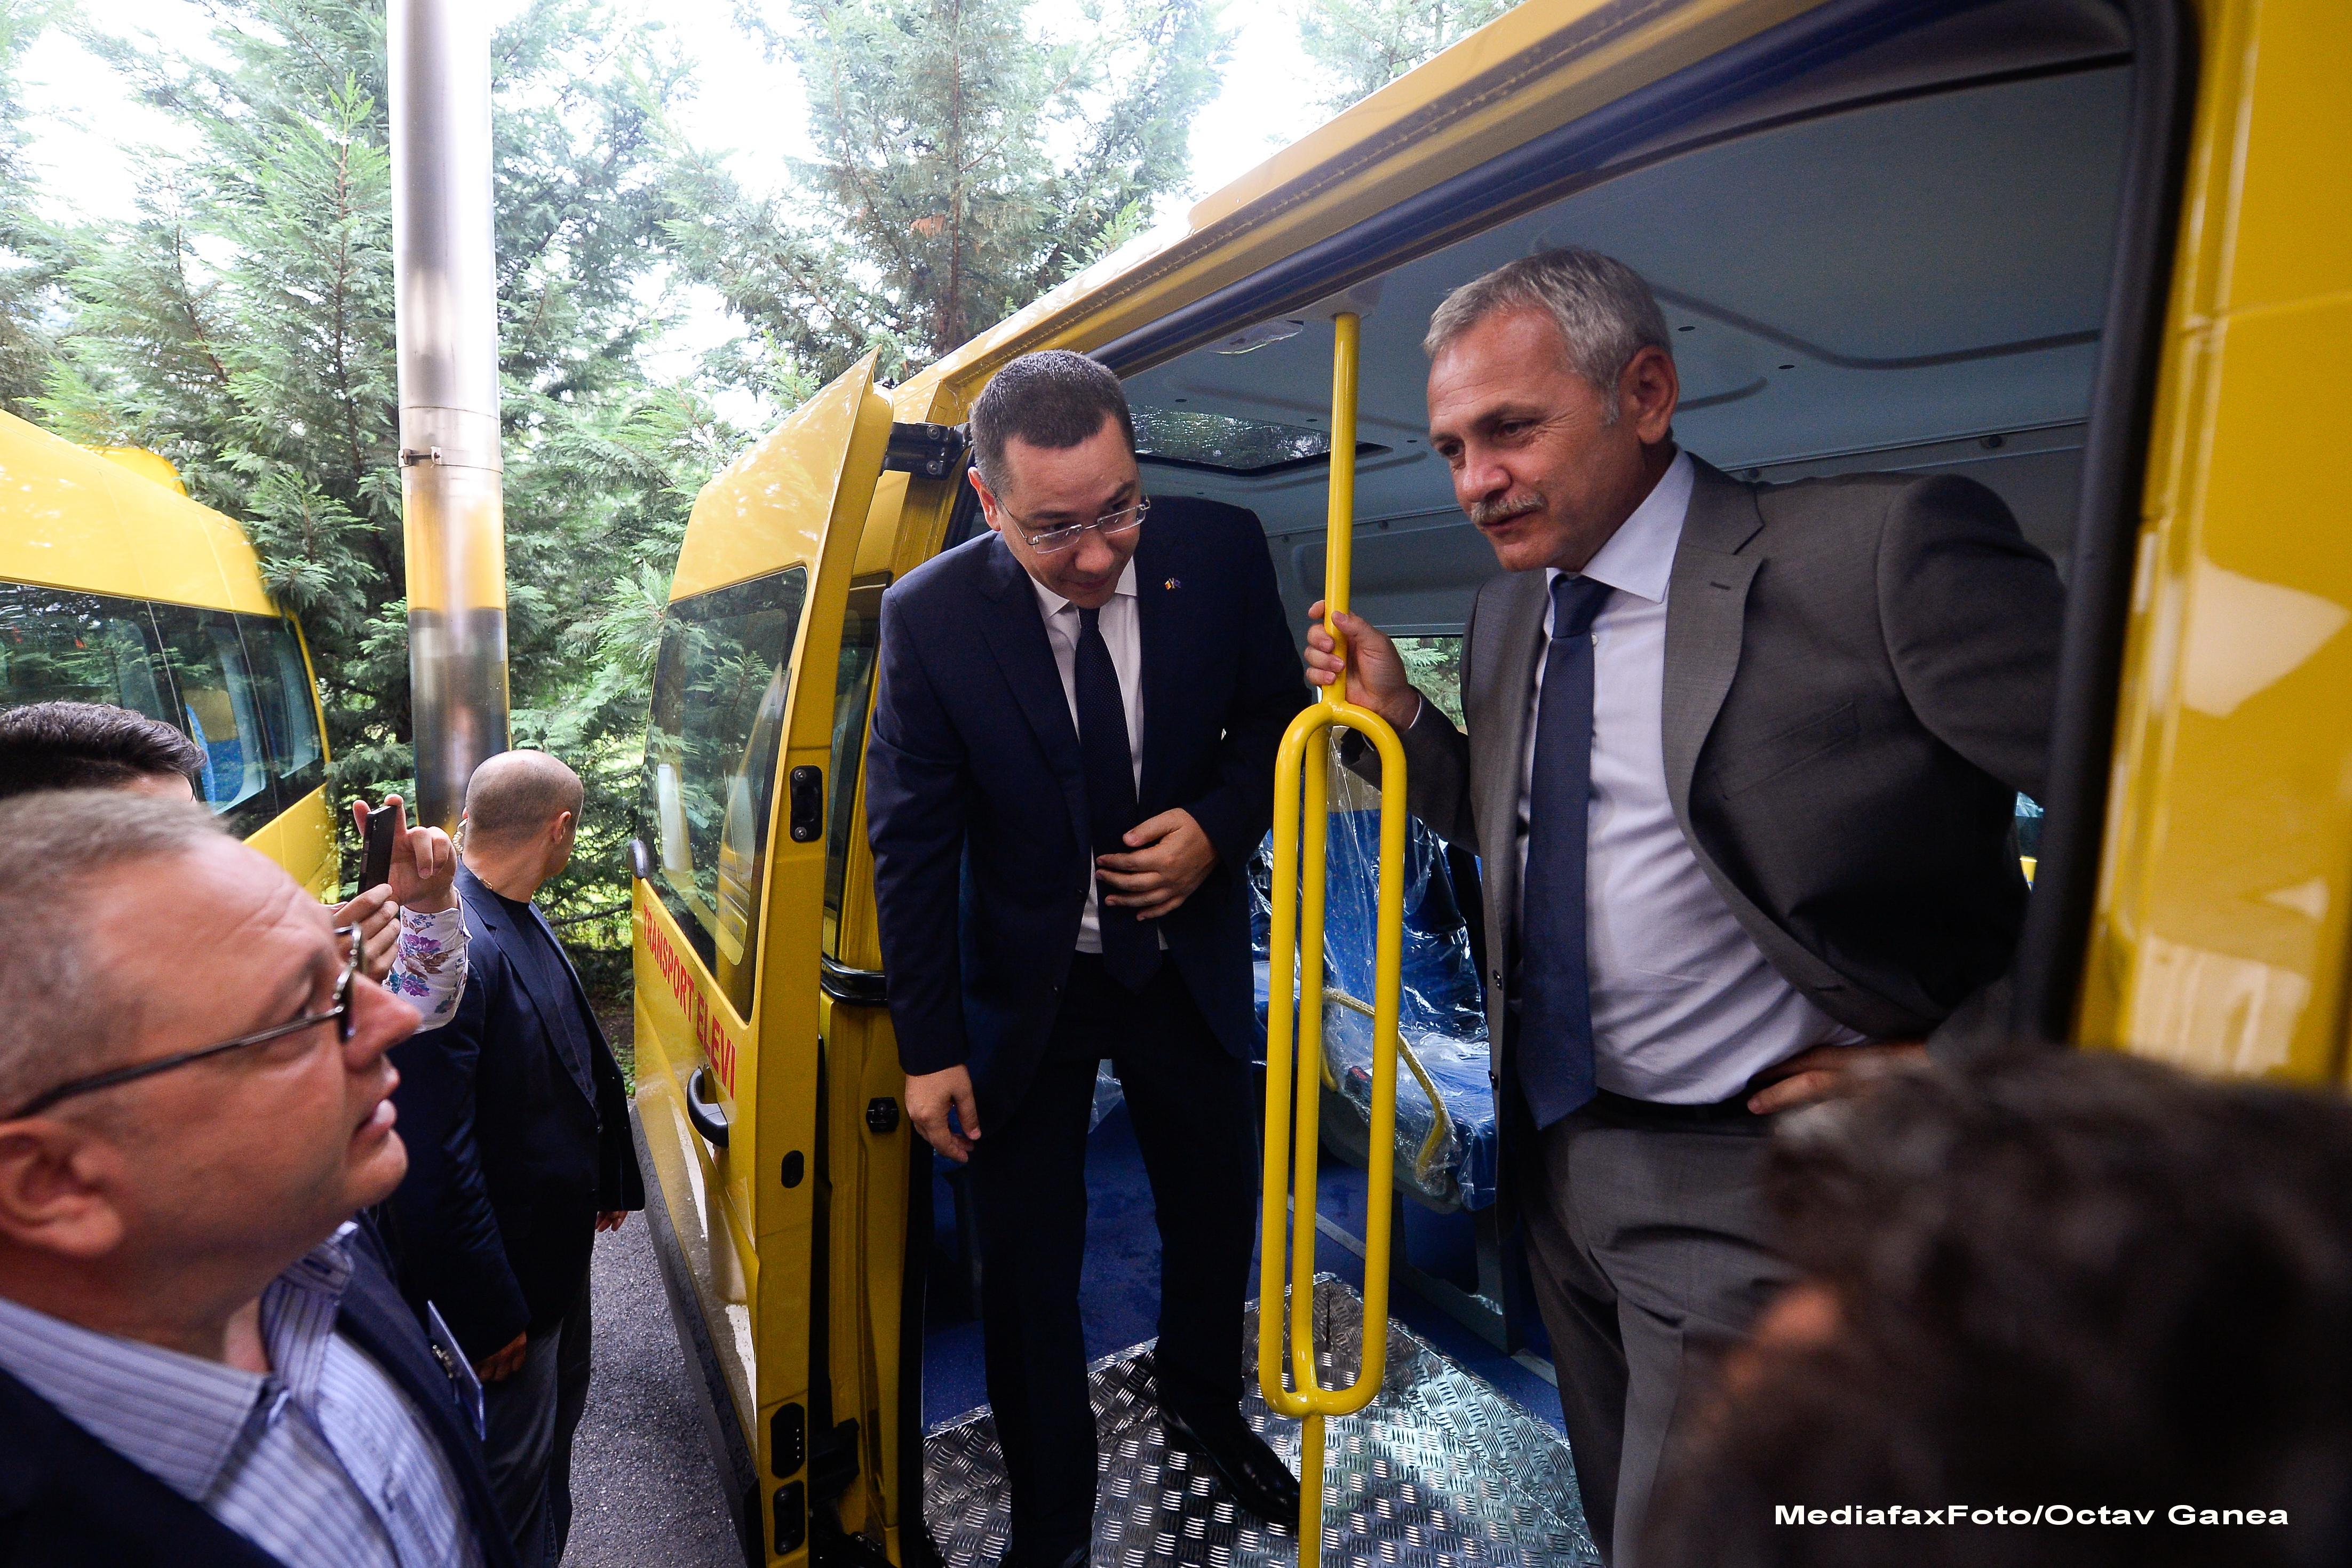 Vicepremierul Liviu Dragnea a refuzat sa taie o panglica in culorile steagului secuiesc, la inaugurarea unui drum judetean